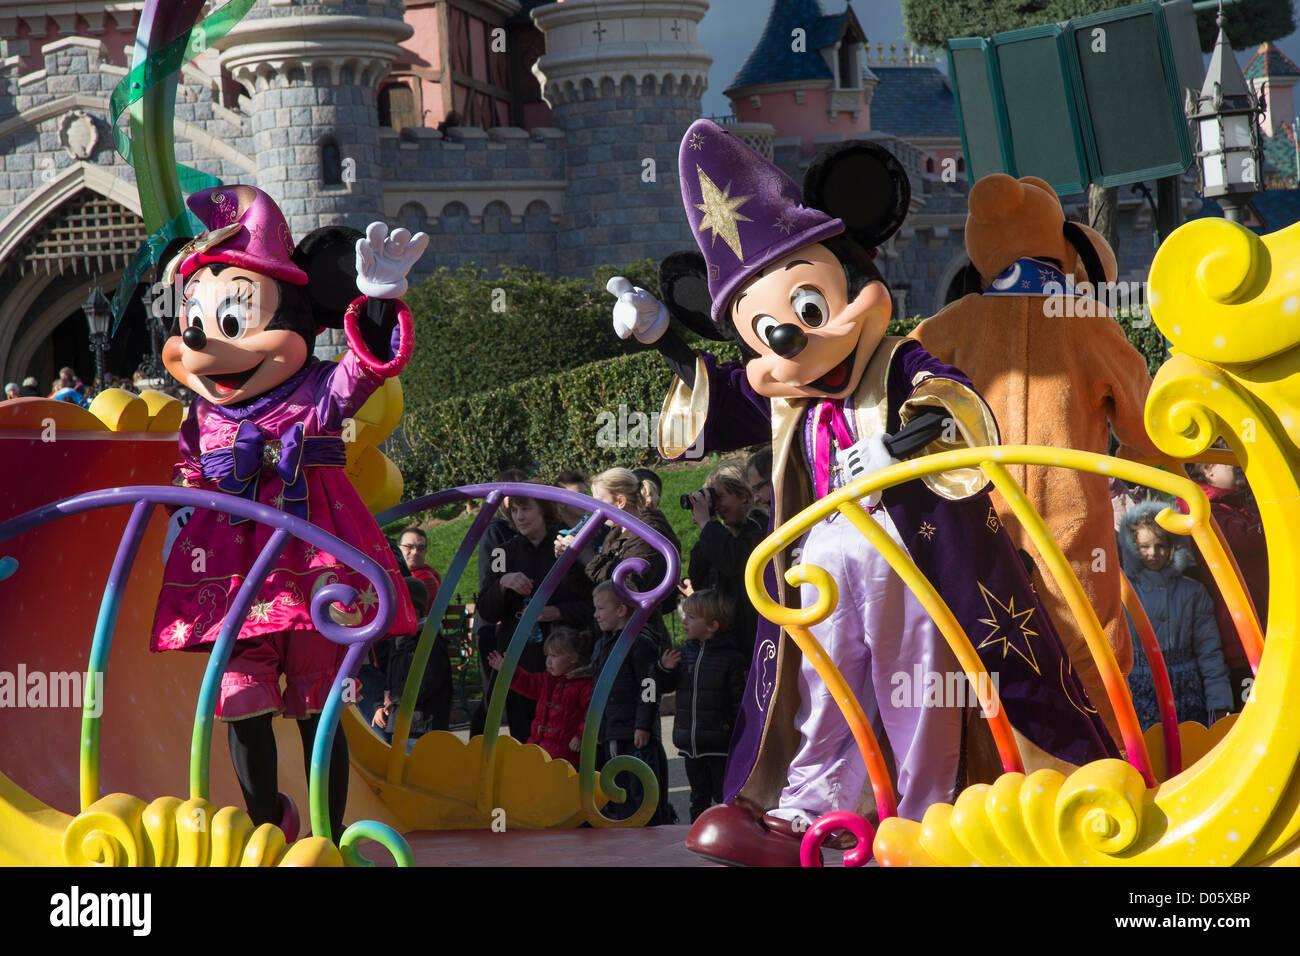 Disneyland parata con Topolino e Minnie Mouse su un galleggiante, Disneyland Paris (Euro Disney) Immagini Stock